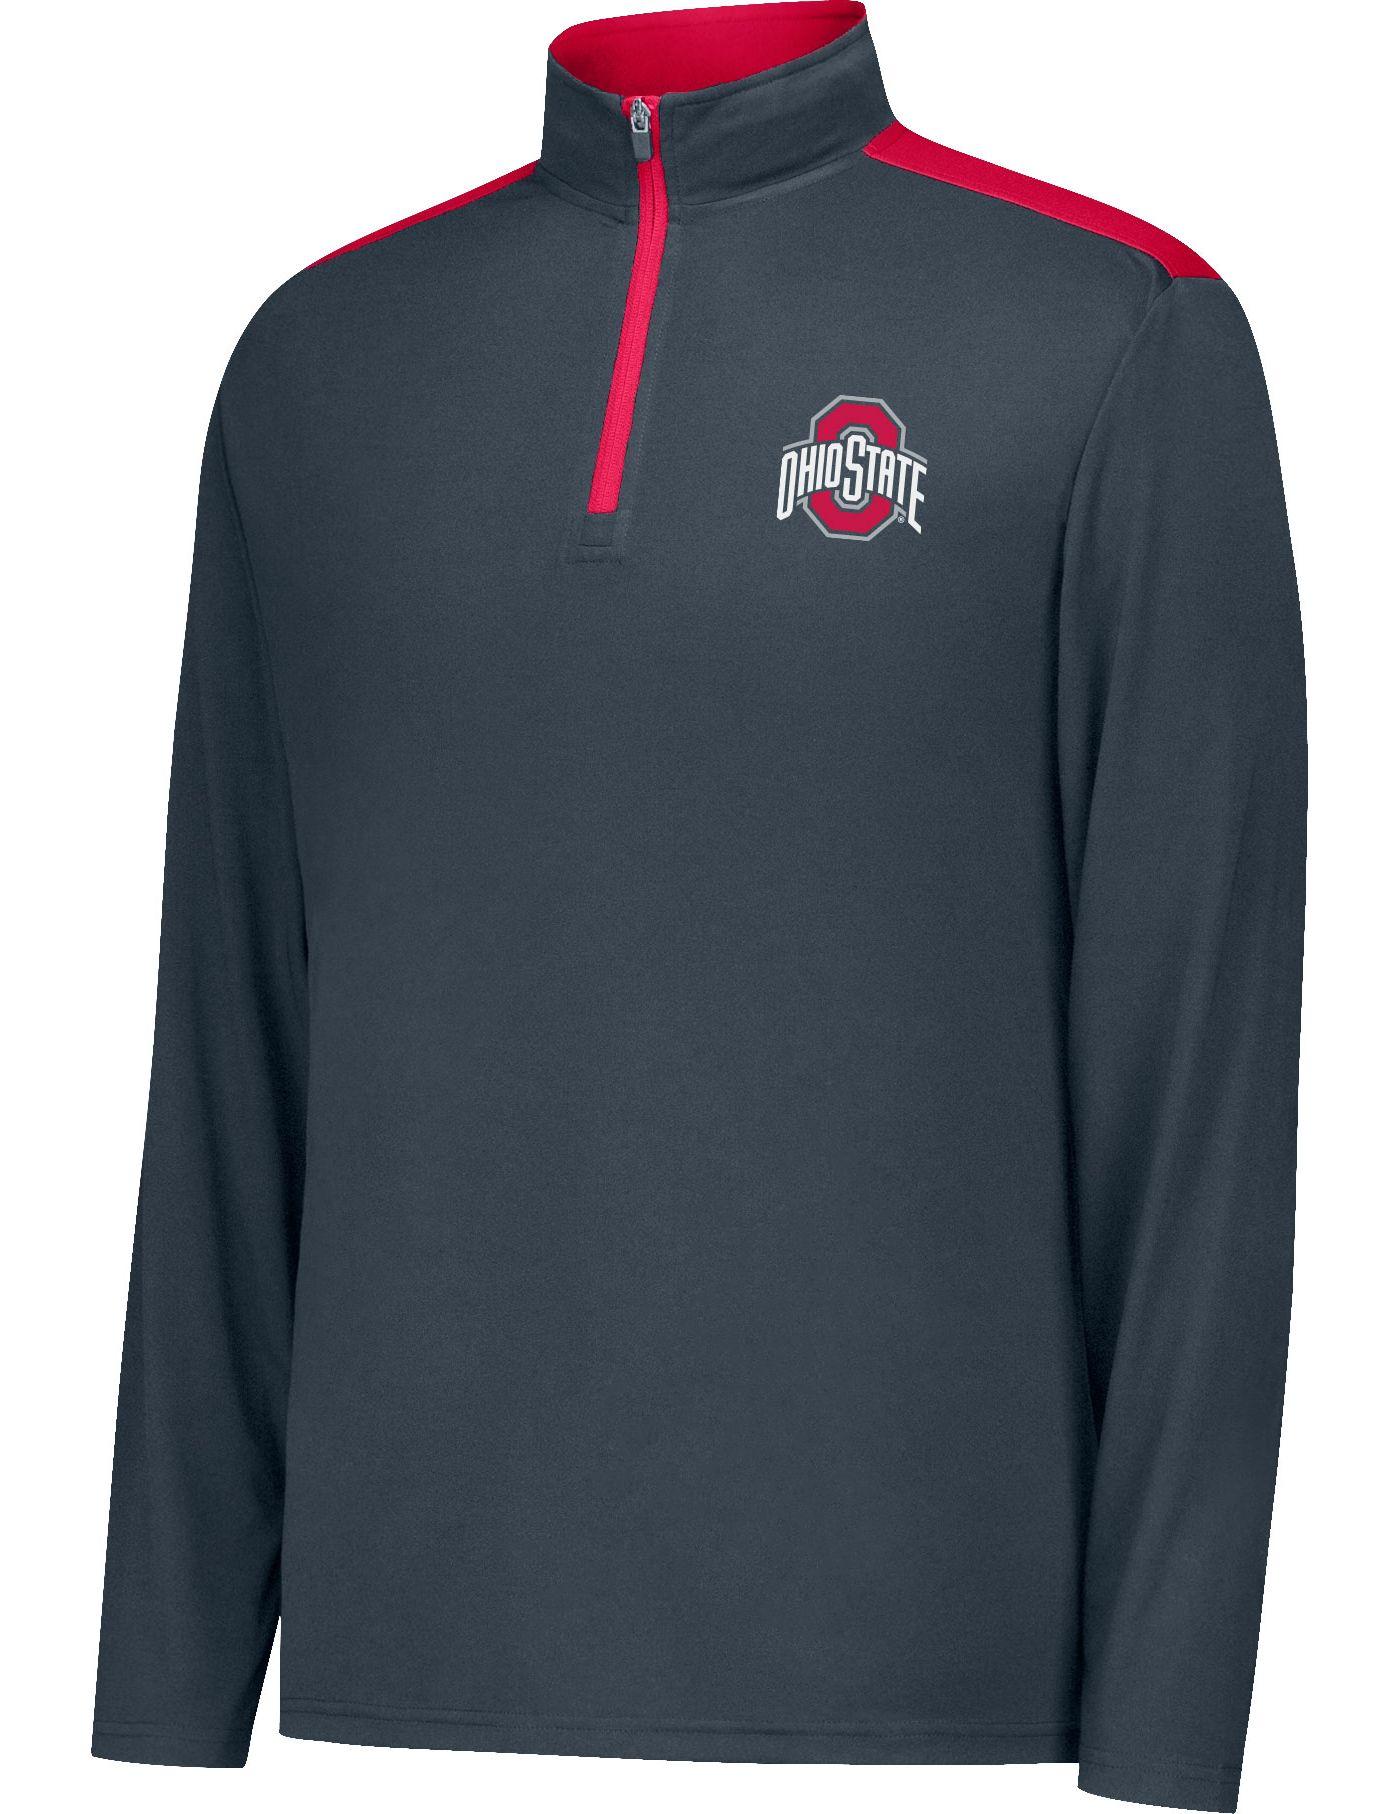 Scarlet & Gray Men's Ohio State Buckeyes Gray Get Up Quarter-Zip Top